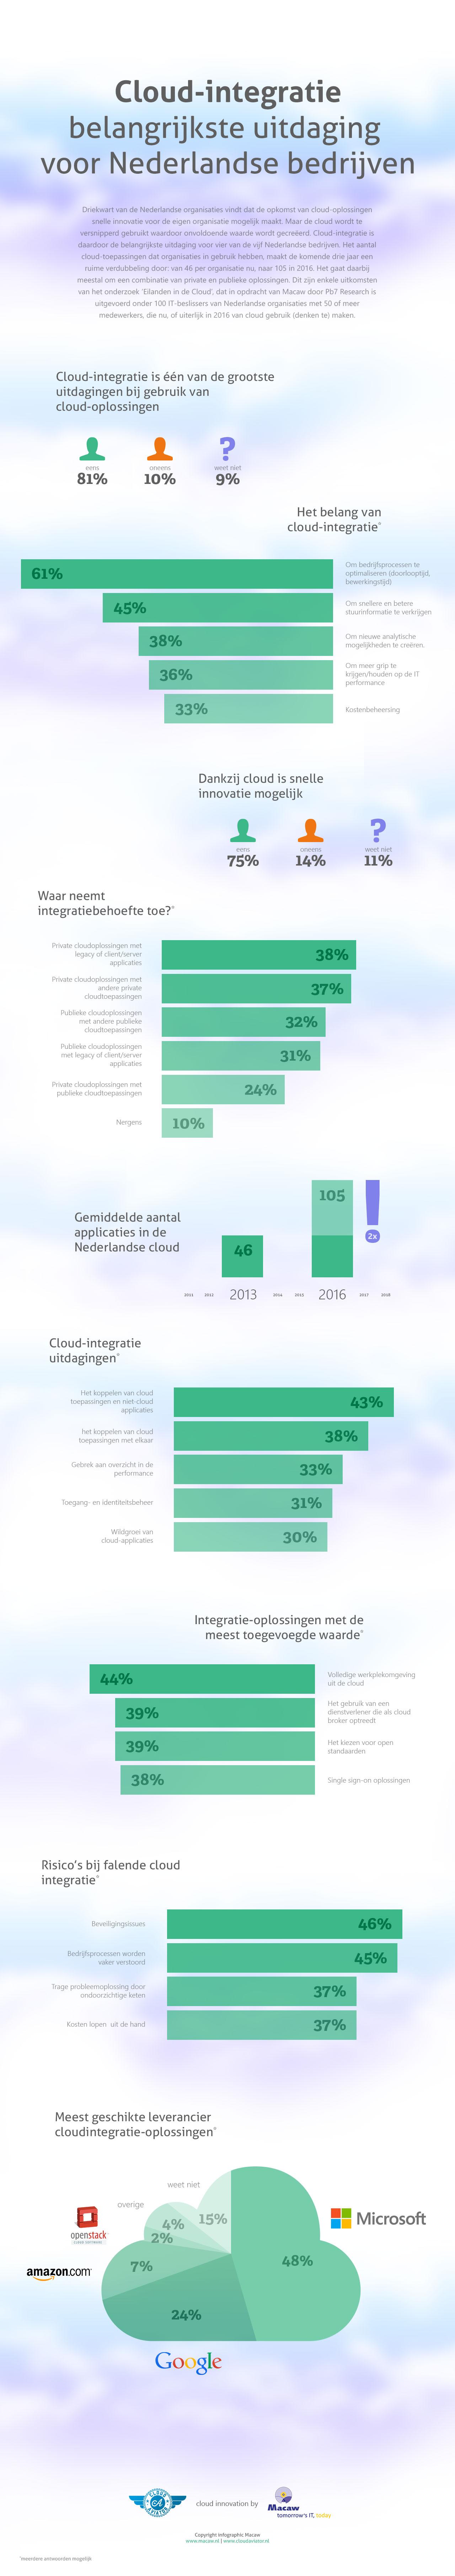 Infographic_CloudIntegratie